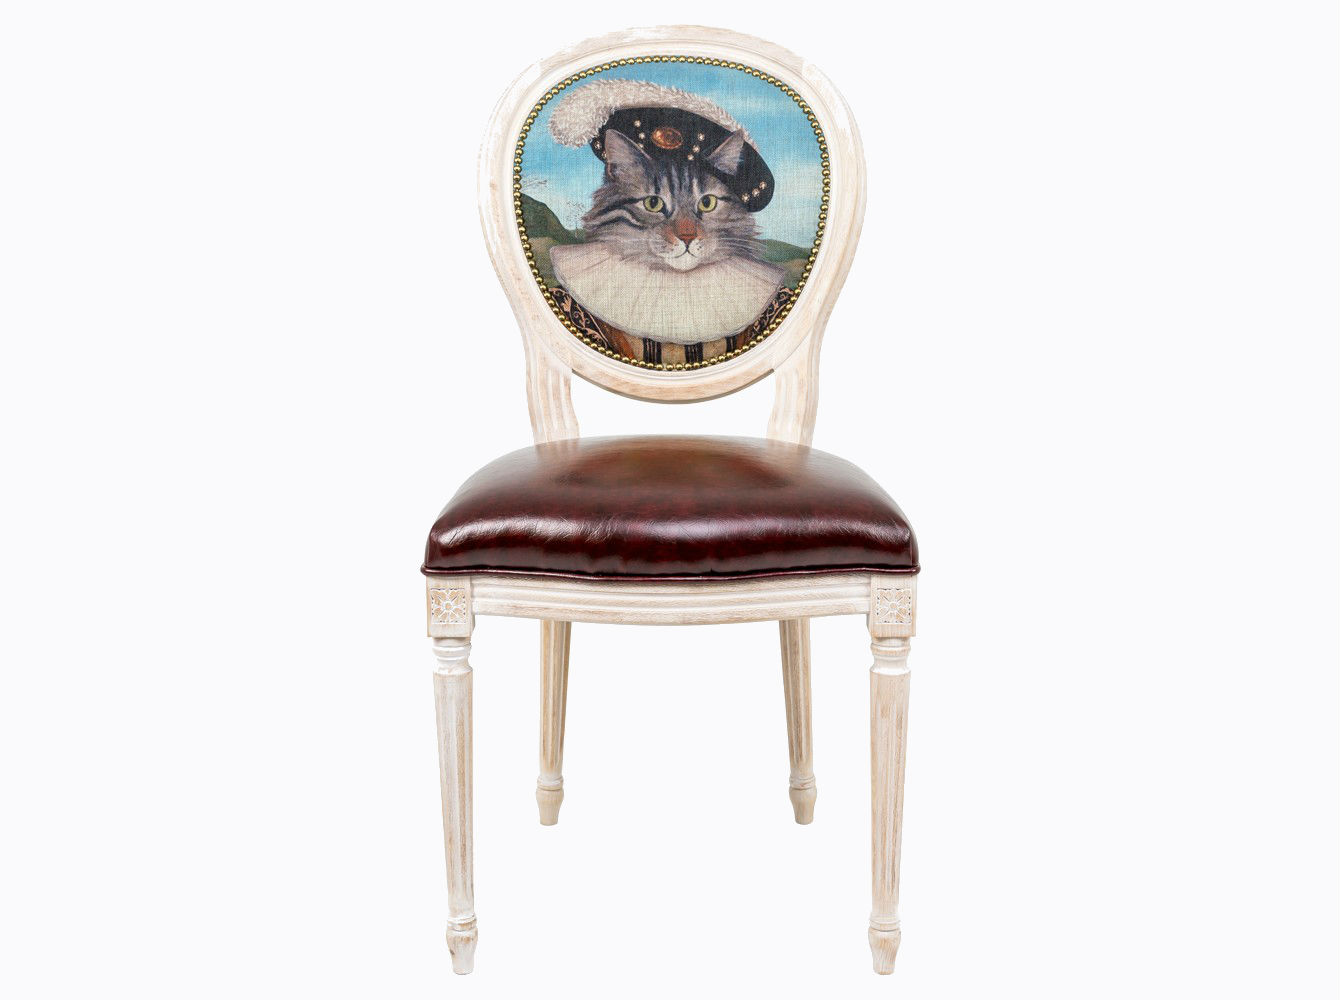 Стул «Музейный экспонат», версия 33Обеденные стулья<br>Стул &amp;quot;Музейный экспонат&amp;quot; - универсальное, но отборное решение гостиной и детской комнат, столовой, холла, кабинета и спальни. <br>Приобретая такую модель, можно быть уверенными в её эклектическом единстве с роскошным &amp;quot;ренессансом&amp;quot; и изнеженным &amp;quot;ампиром&amp;quot;, аскетичным &amp;quot;лофтом&amp;quot; и салонным &amp;quot;ар-деко&amp;quot;.<br>Корпус стула изготовлен из натурального бука. Среди европейских пород бук считается самым прочным и долговечным материалом. По эксклюзивному дизайну &amp;quot;Объекта мечты&amp;quot; корпусы стульев серии &amp;quot;Музейный экспонат&amp;quot; выточены, брашированы и патинированы в Италии. <br>В дизайне &amp;quot;Музейный экспонат&amp;quot; резьба играет ведущую роль: стул украшен вычурными желобками и цветочными узорами, выточенными с ювелирной меткостью. <br>Комфортабельность, прочность и долговечность сиденья обеспечены подвеской из эластичных ремней.  Обивка оснащена тефлоновым покрытием против пятен. <br>Мебель от &amp;quot;Объекта мечты&amp;quot; - дизайнерский раритет Вашего интерьера.<br>&amp;lt;div&amp;gt;&amp;lt;br&amp;gt;&amp;lt;/div&amp;gt;&amp;lt;div&amp;gt;Каркас - натуральное дерево бука, обивка сиденья и оборотной стороны спинки - эко-кожа, обивка спинки: 29% лен, 9 % хлопок, 72% полиэстер&amp;lt;br&amp;gt;&amp;lt;/div&amp;gt;<br><br>Material: Дерево<br>Width см: 55<br>Depth см: 50<br>Height см: 95